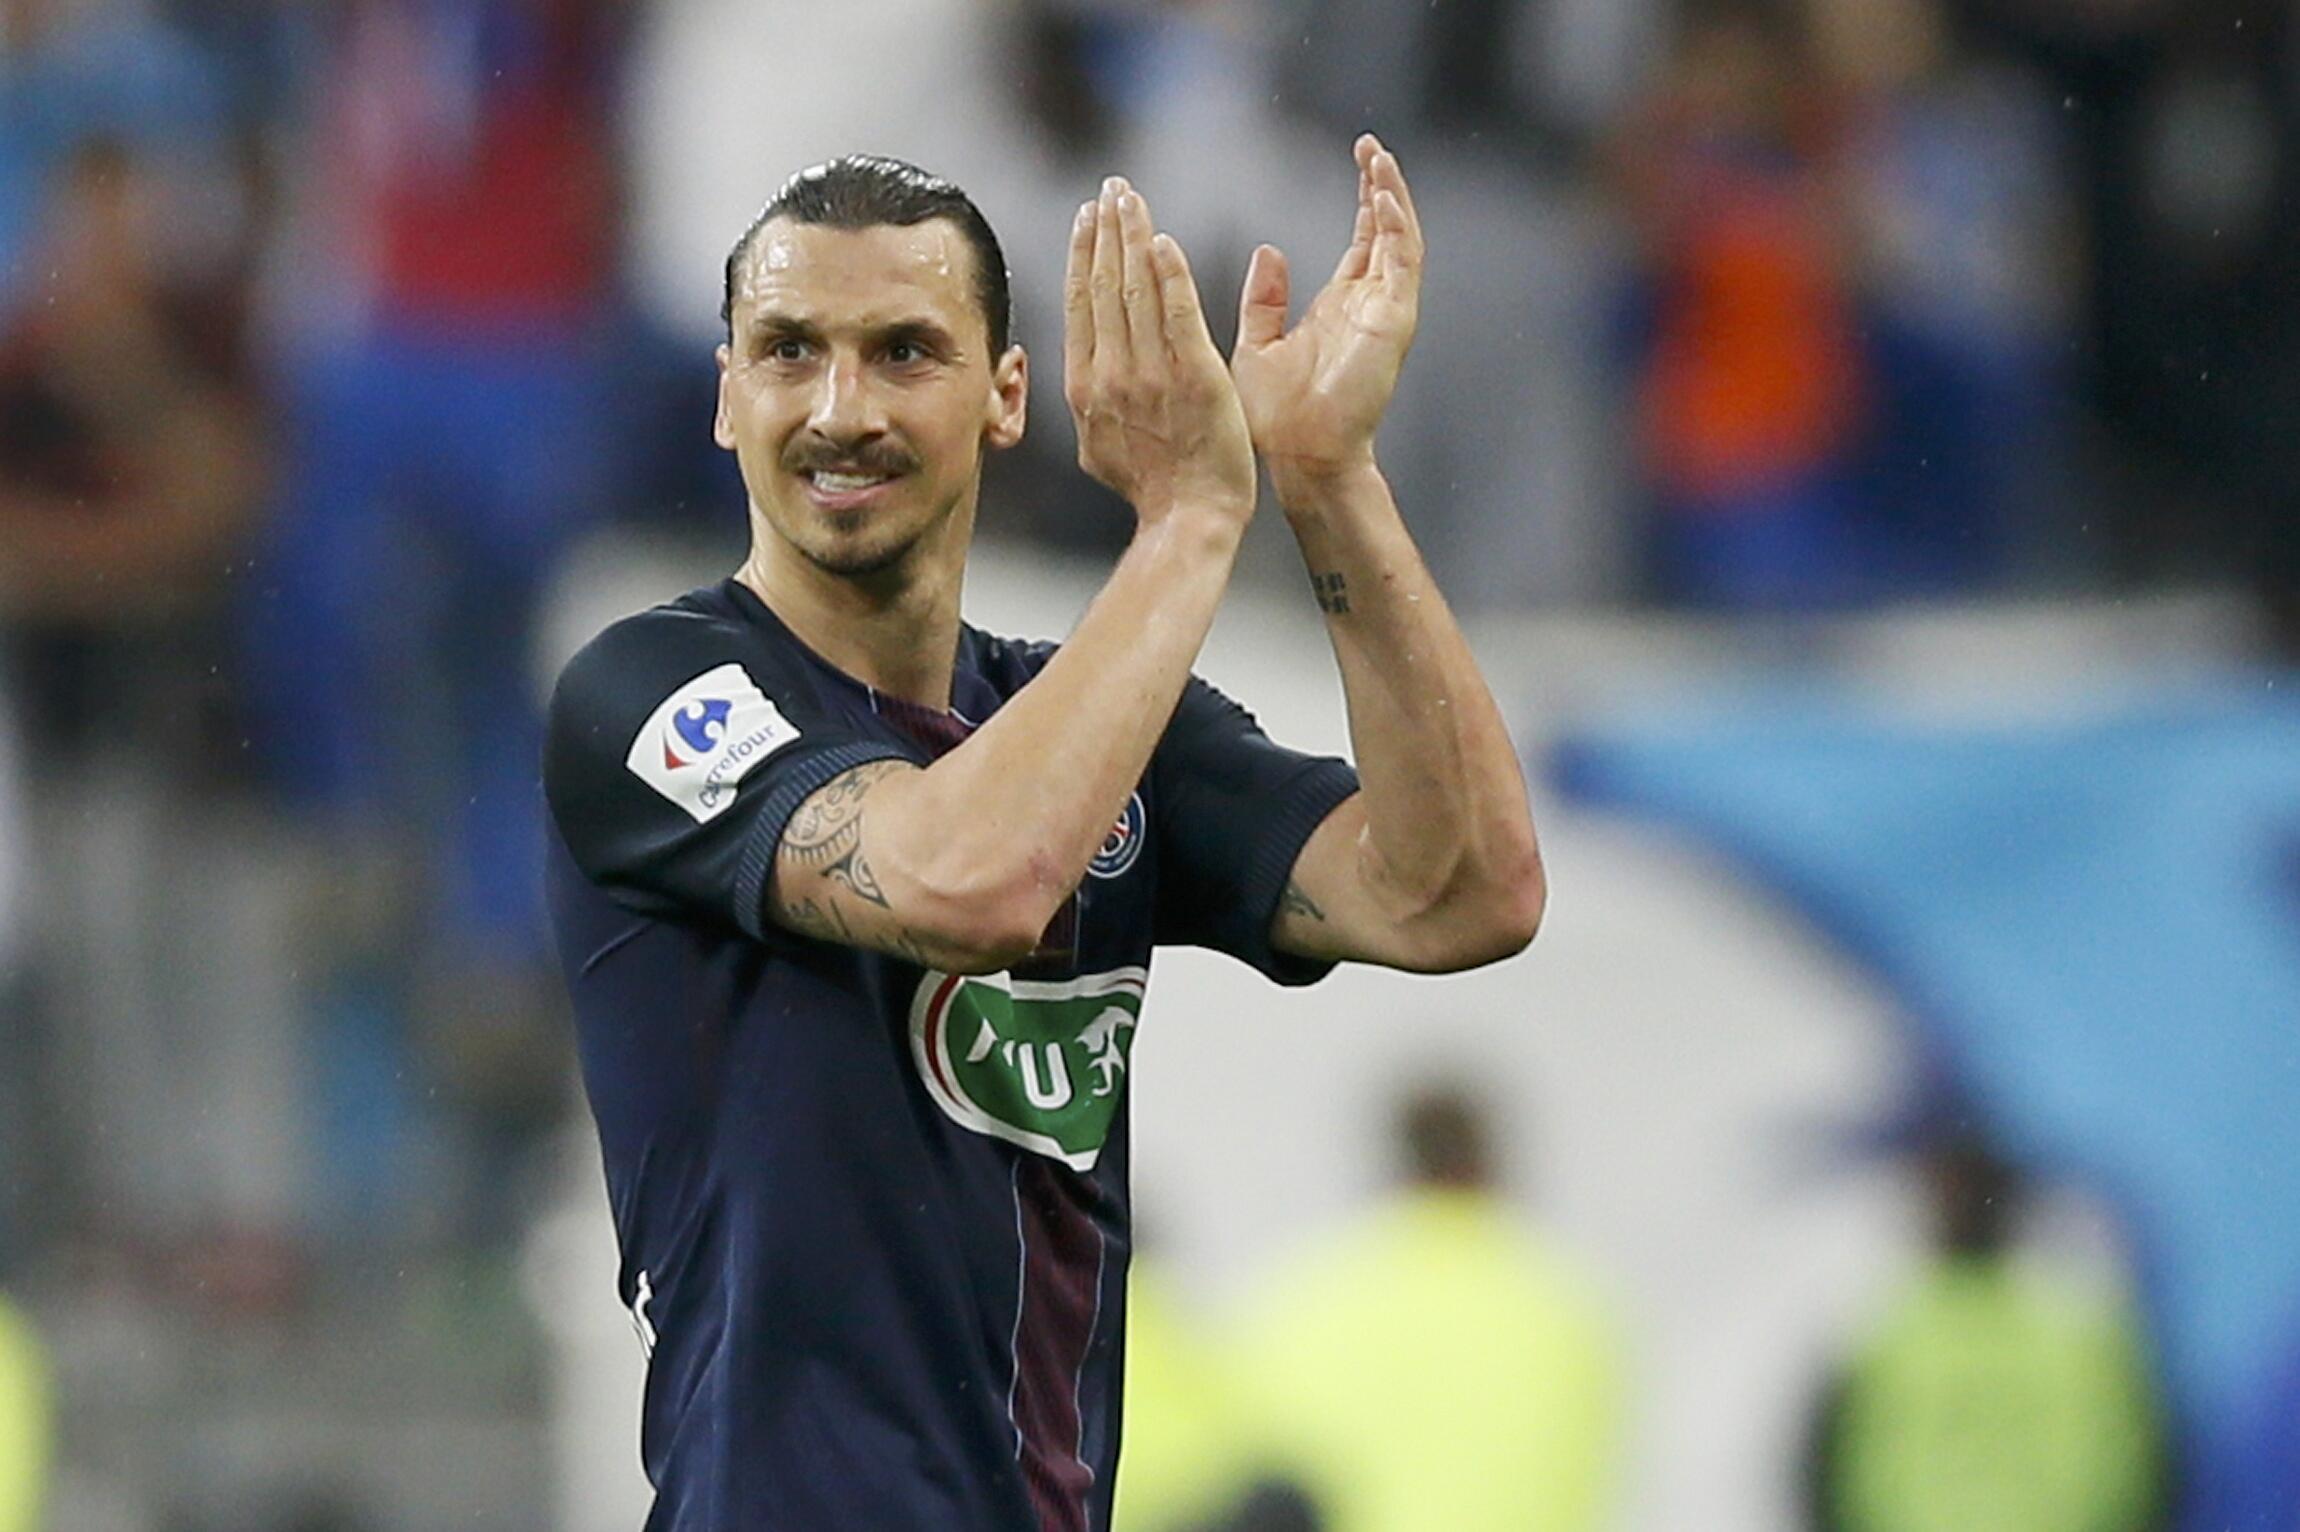 Zlatan Ibrahimovic, akiaga mashabiki wa PSG wakati wa mechi yake ya mwisho kuichezea timu hiyo ya Ufaransa, 2016